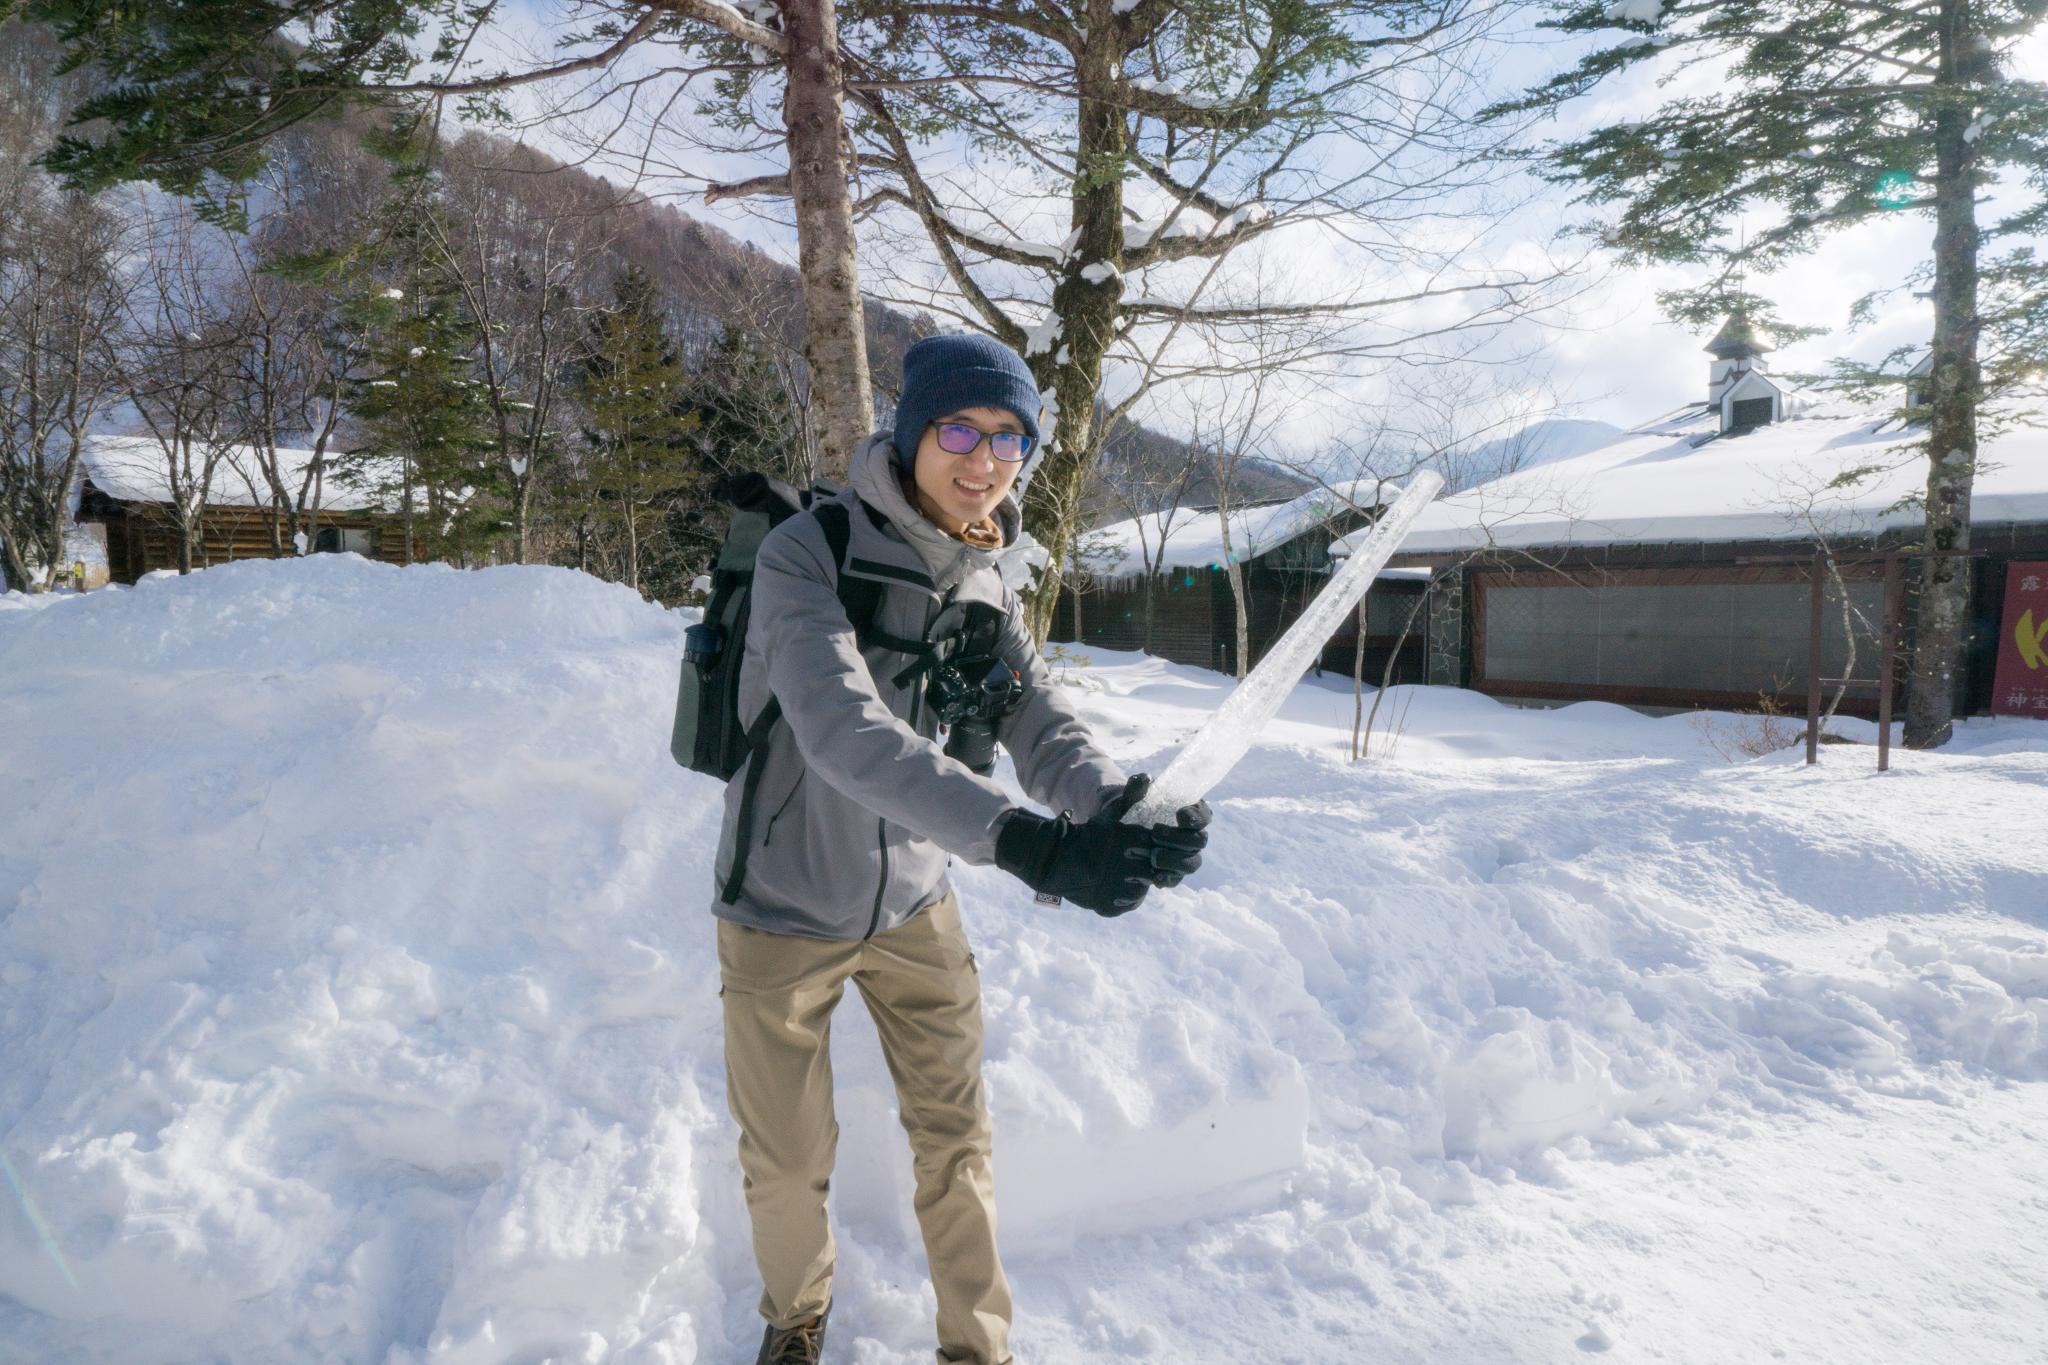 【岐阜】超級推薦!奧飛驒溫泉鄉的冬季戀歌 ~ 新穗高纜車雪景攻略 125